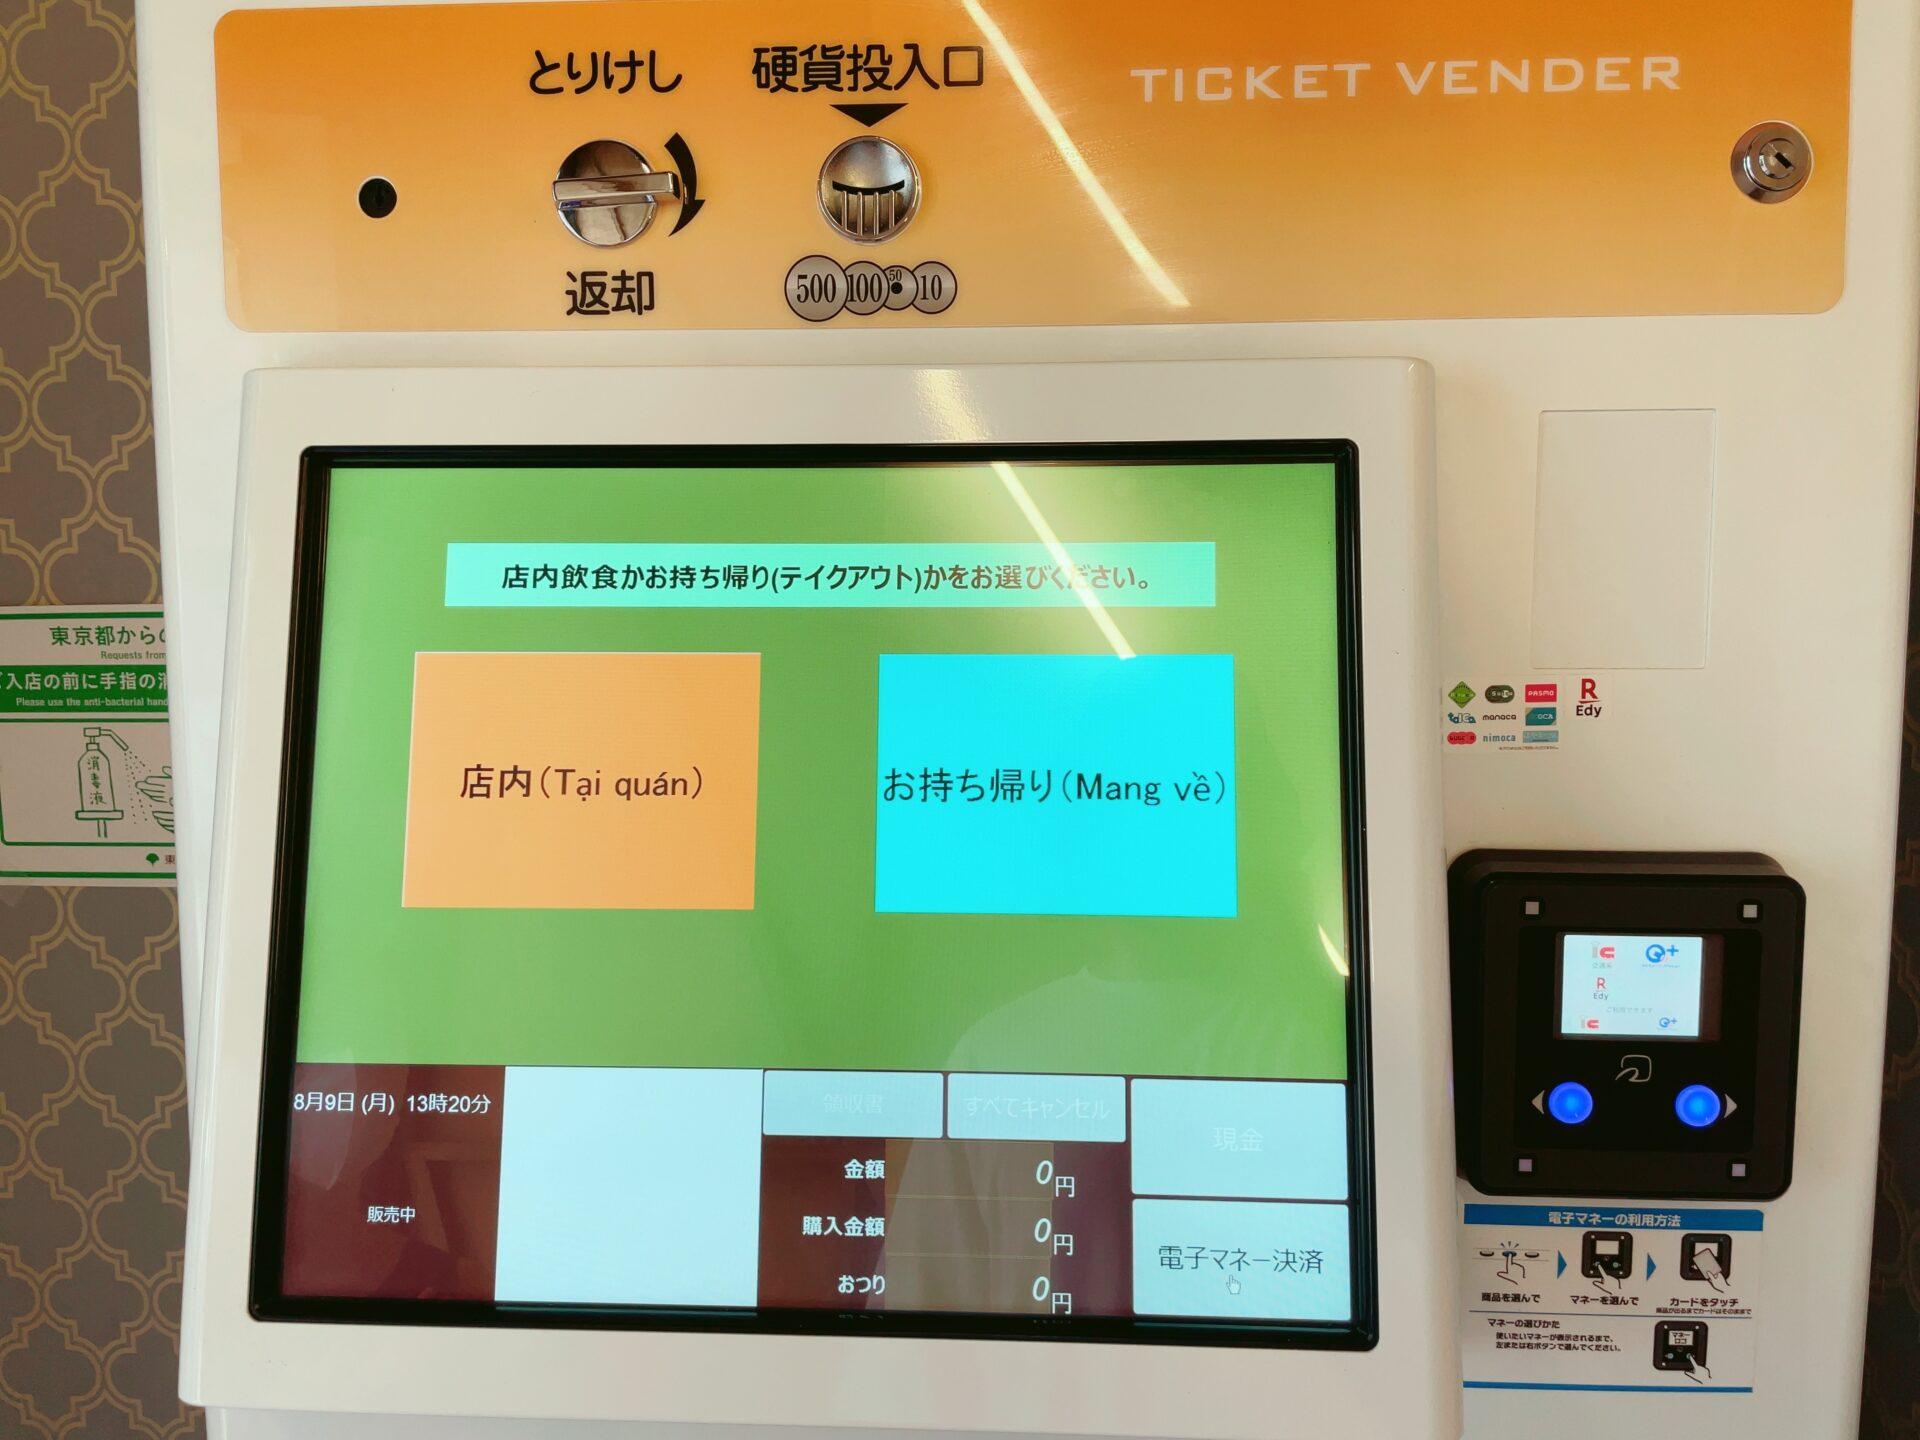 フォーティントーキョー 新宿店の券売機